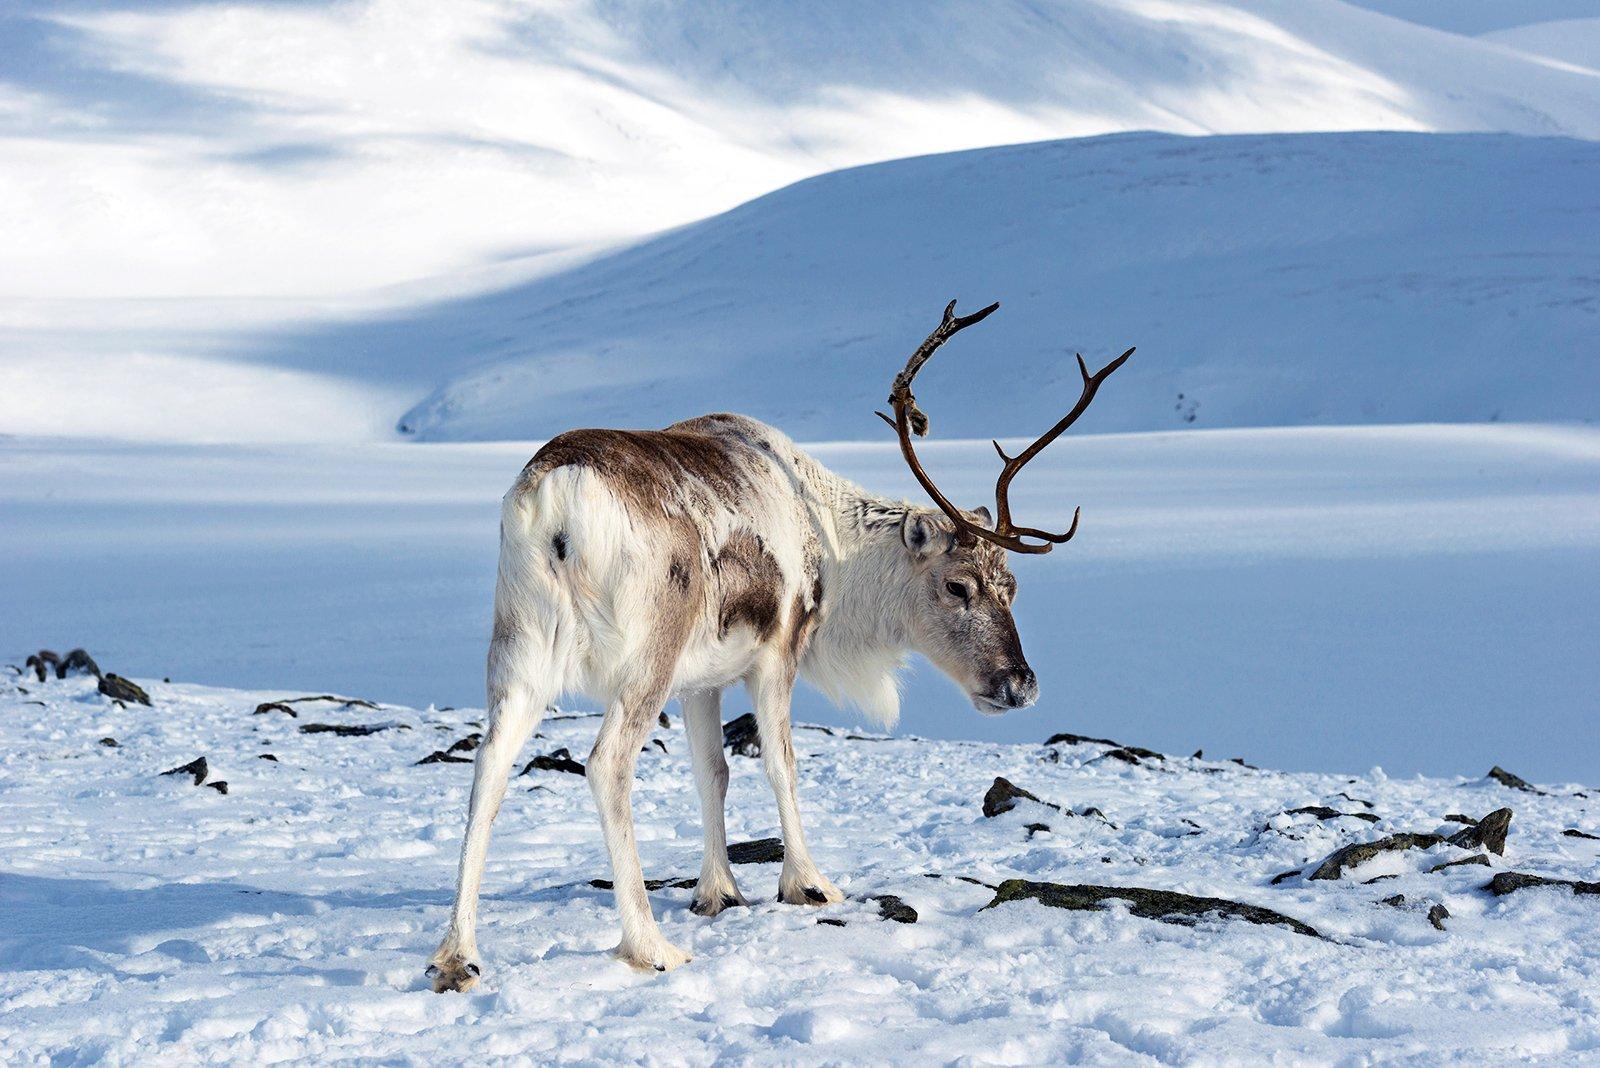 картинки северный олень в арктике атмосфера